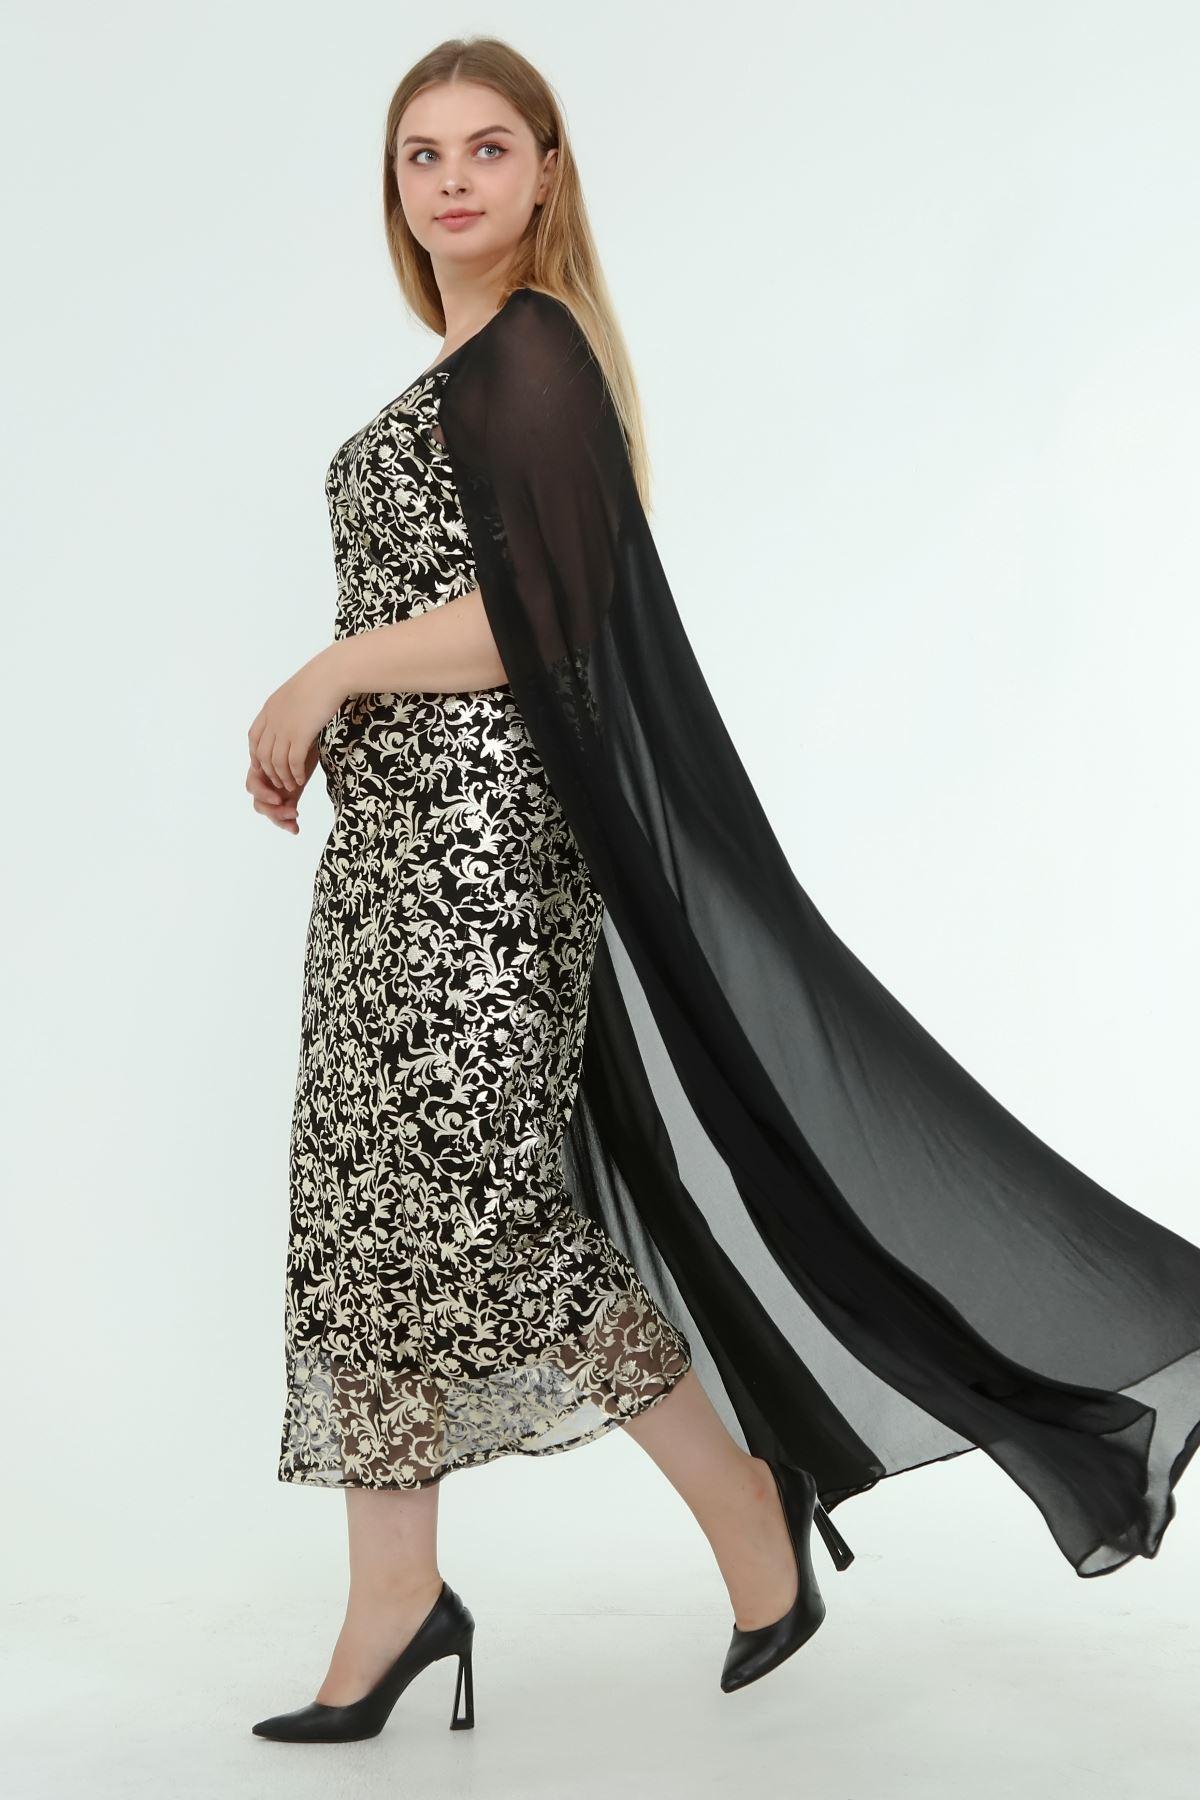 Kadın Büyük Beden Siyah Lame Desenli Pelerinli Gece Elbise  A1-4049